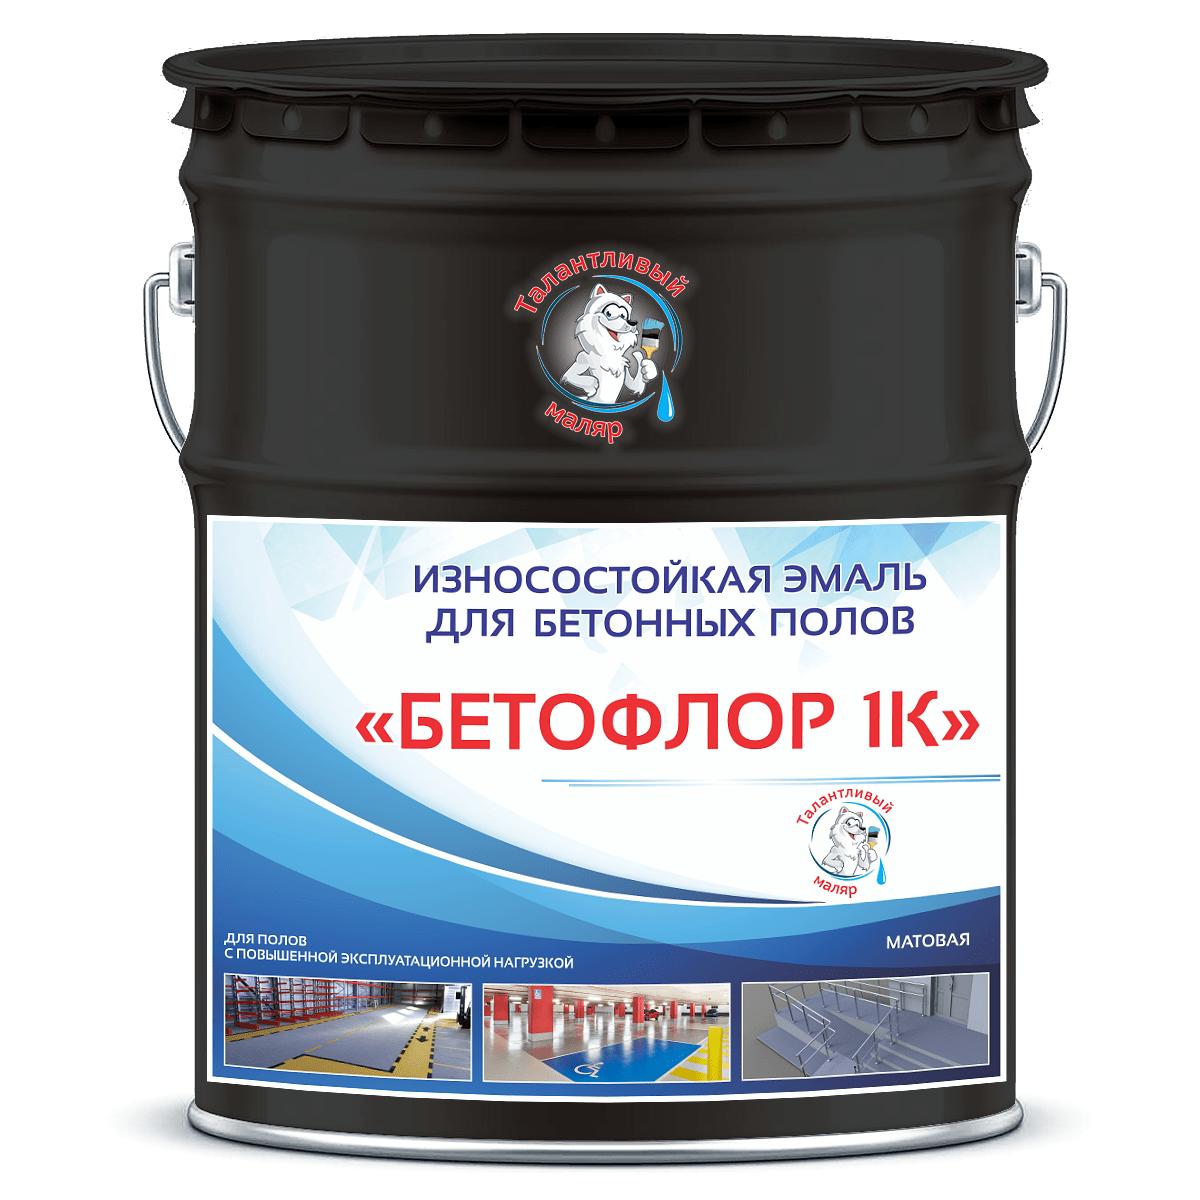 """Фото 4 - BF9004 Эмаль для бетонных полов """"Бетофлор"""" 1К цвет RAL 9004 Сигнальный черный, матовая износостойкая, 25 кг """"Талантливый Маляр""""."""